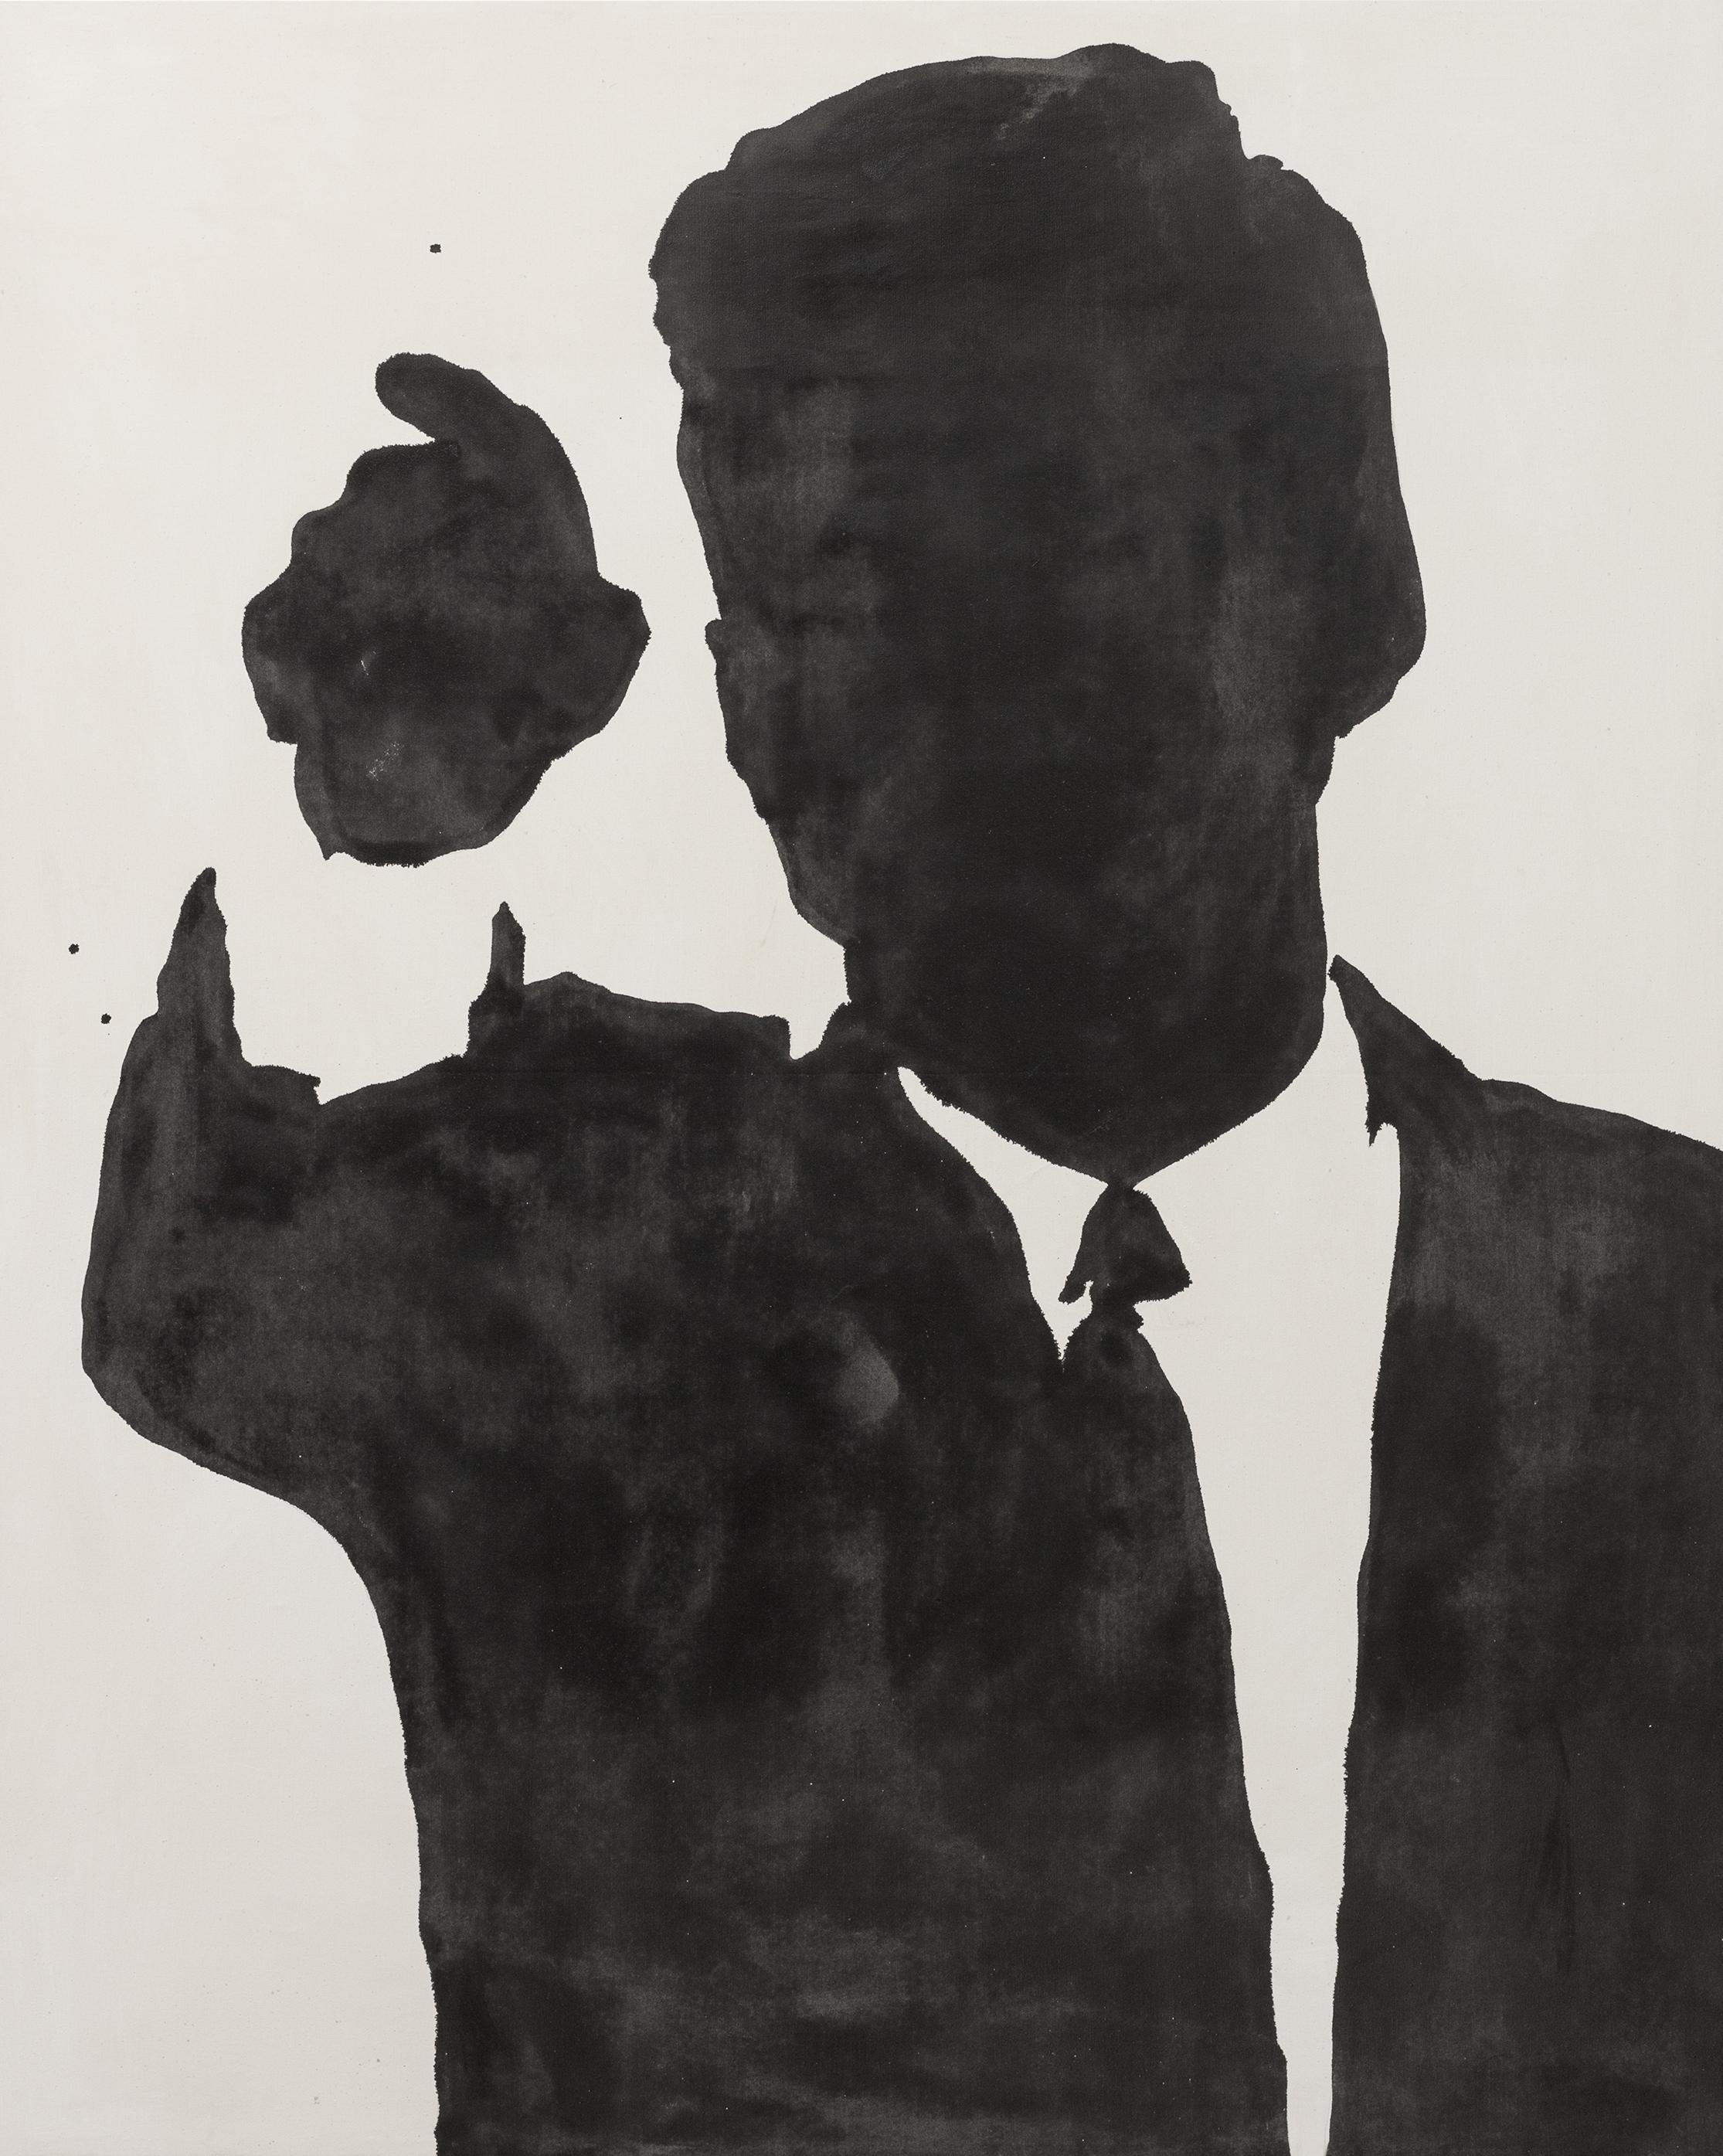 ombardo (Roma 1939), Kennedy, 1963, smalto su tela, cm 230 x 180, Roma, Collezione privata. Photo by Giorgio Benni. Courtesy: l'artista e 1/9 UNOSUNOVE